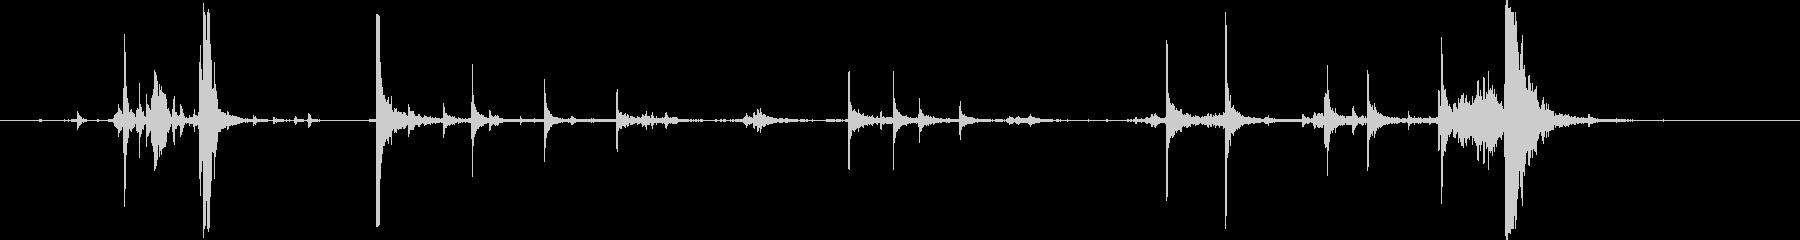 ドアチェーンを掛ける音1の未再生の波形